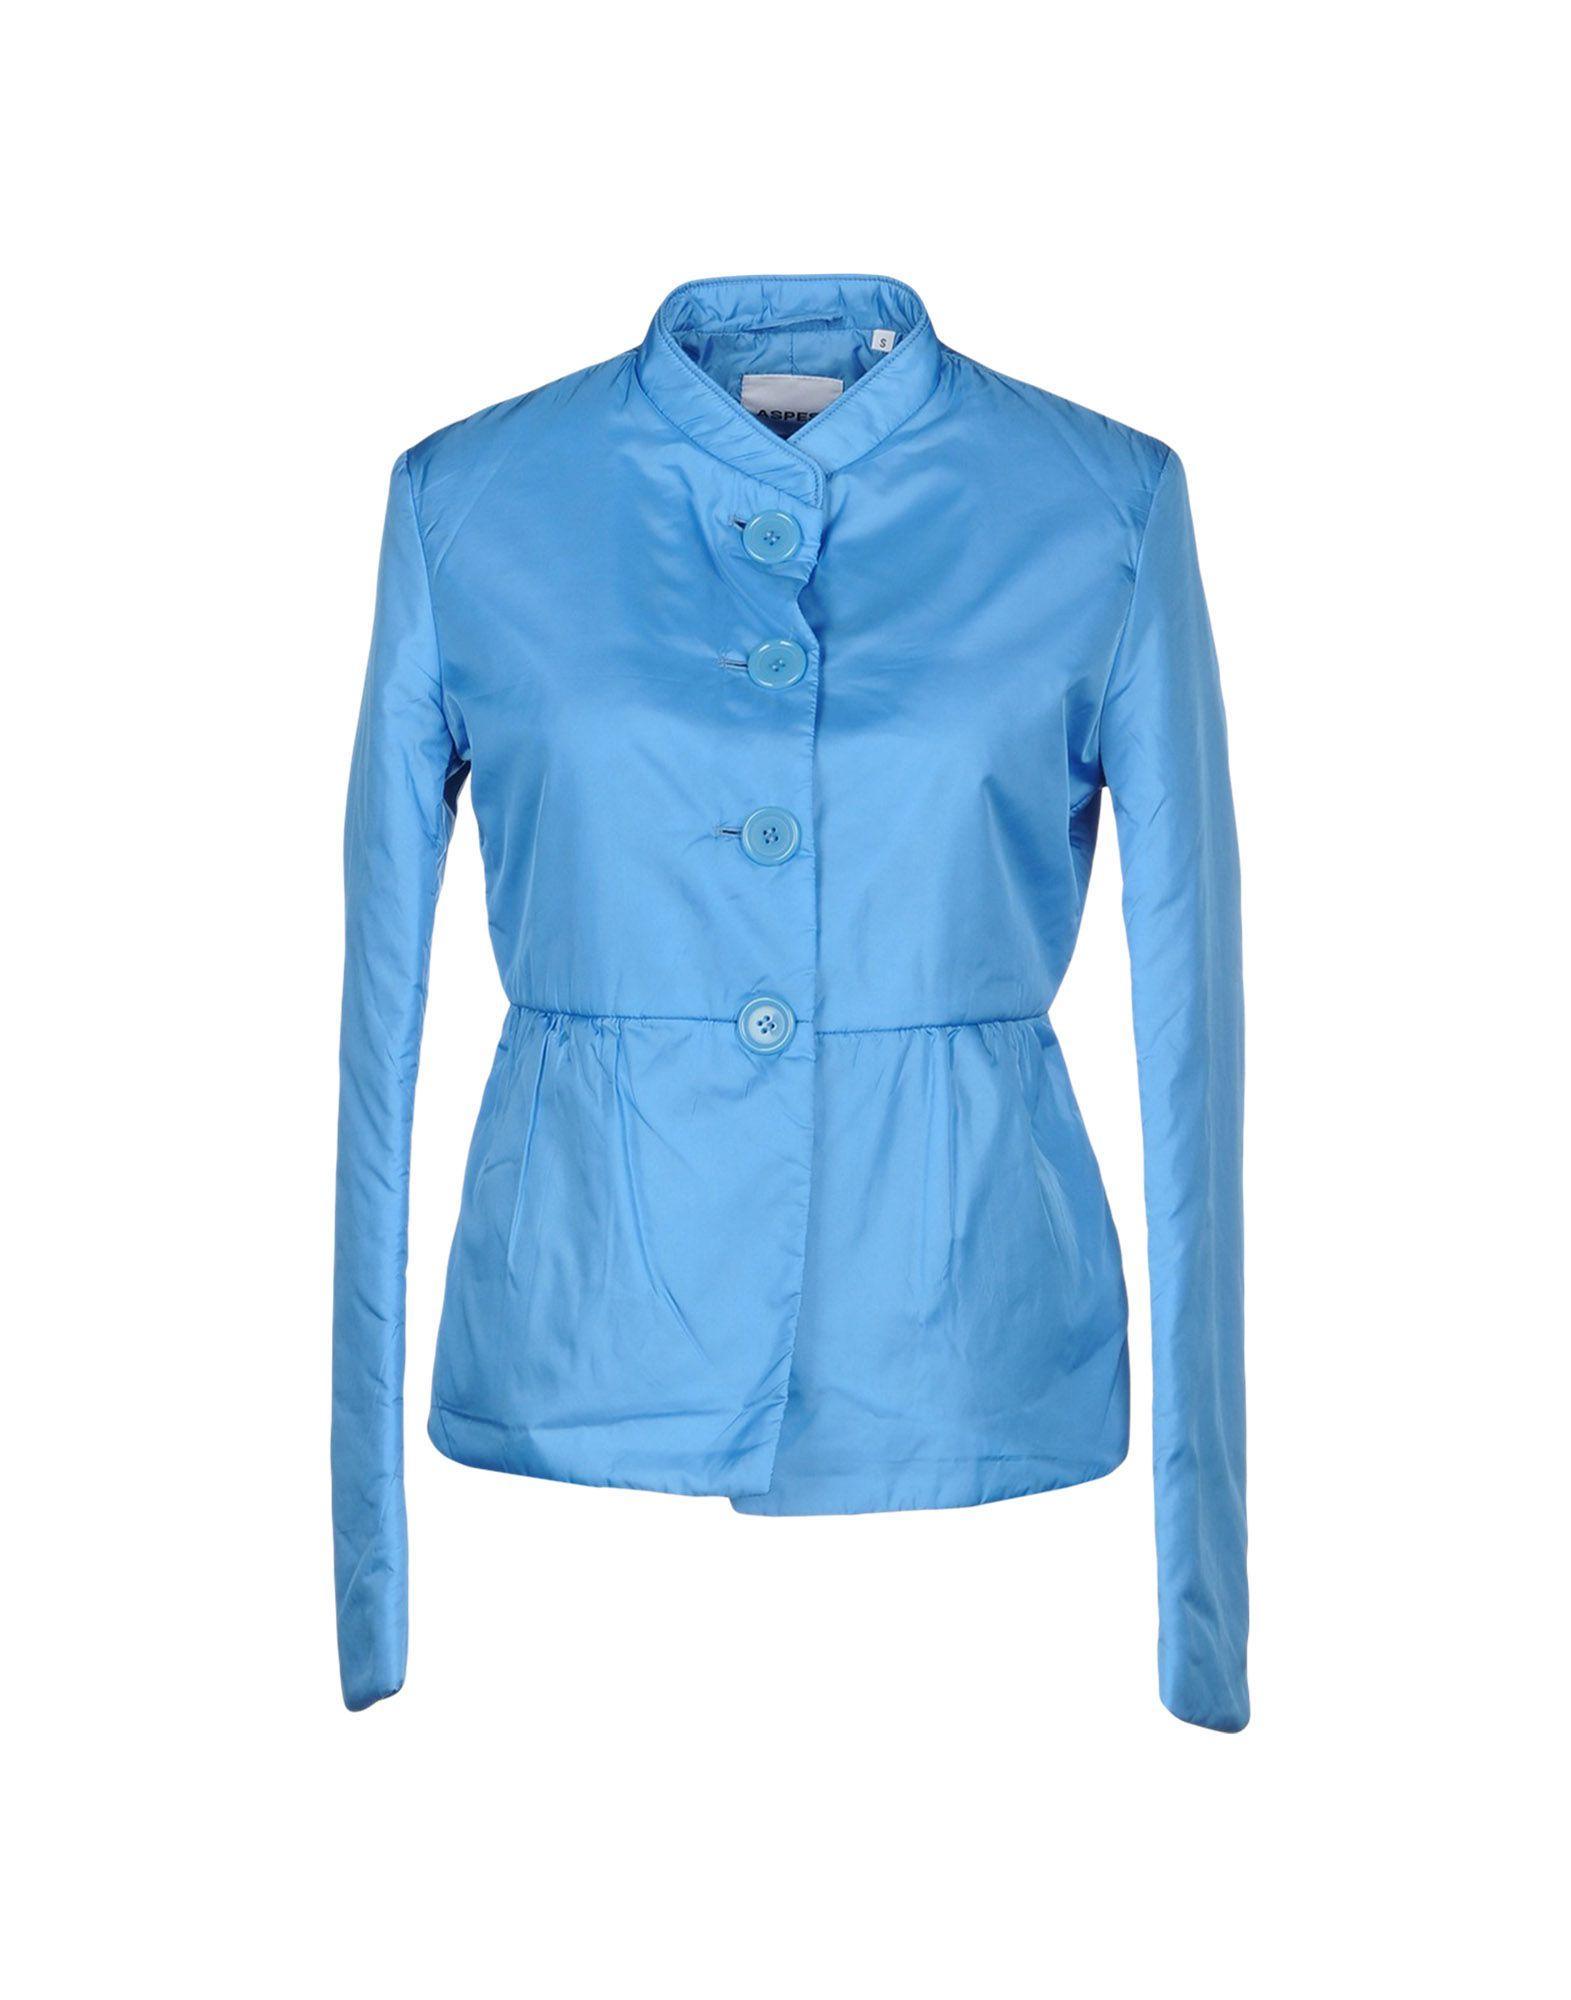 Aspesi Jackets In Sky Blue